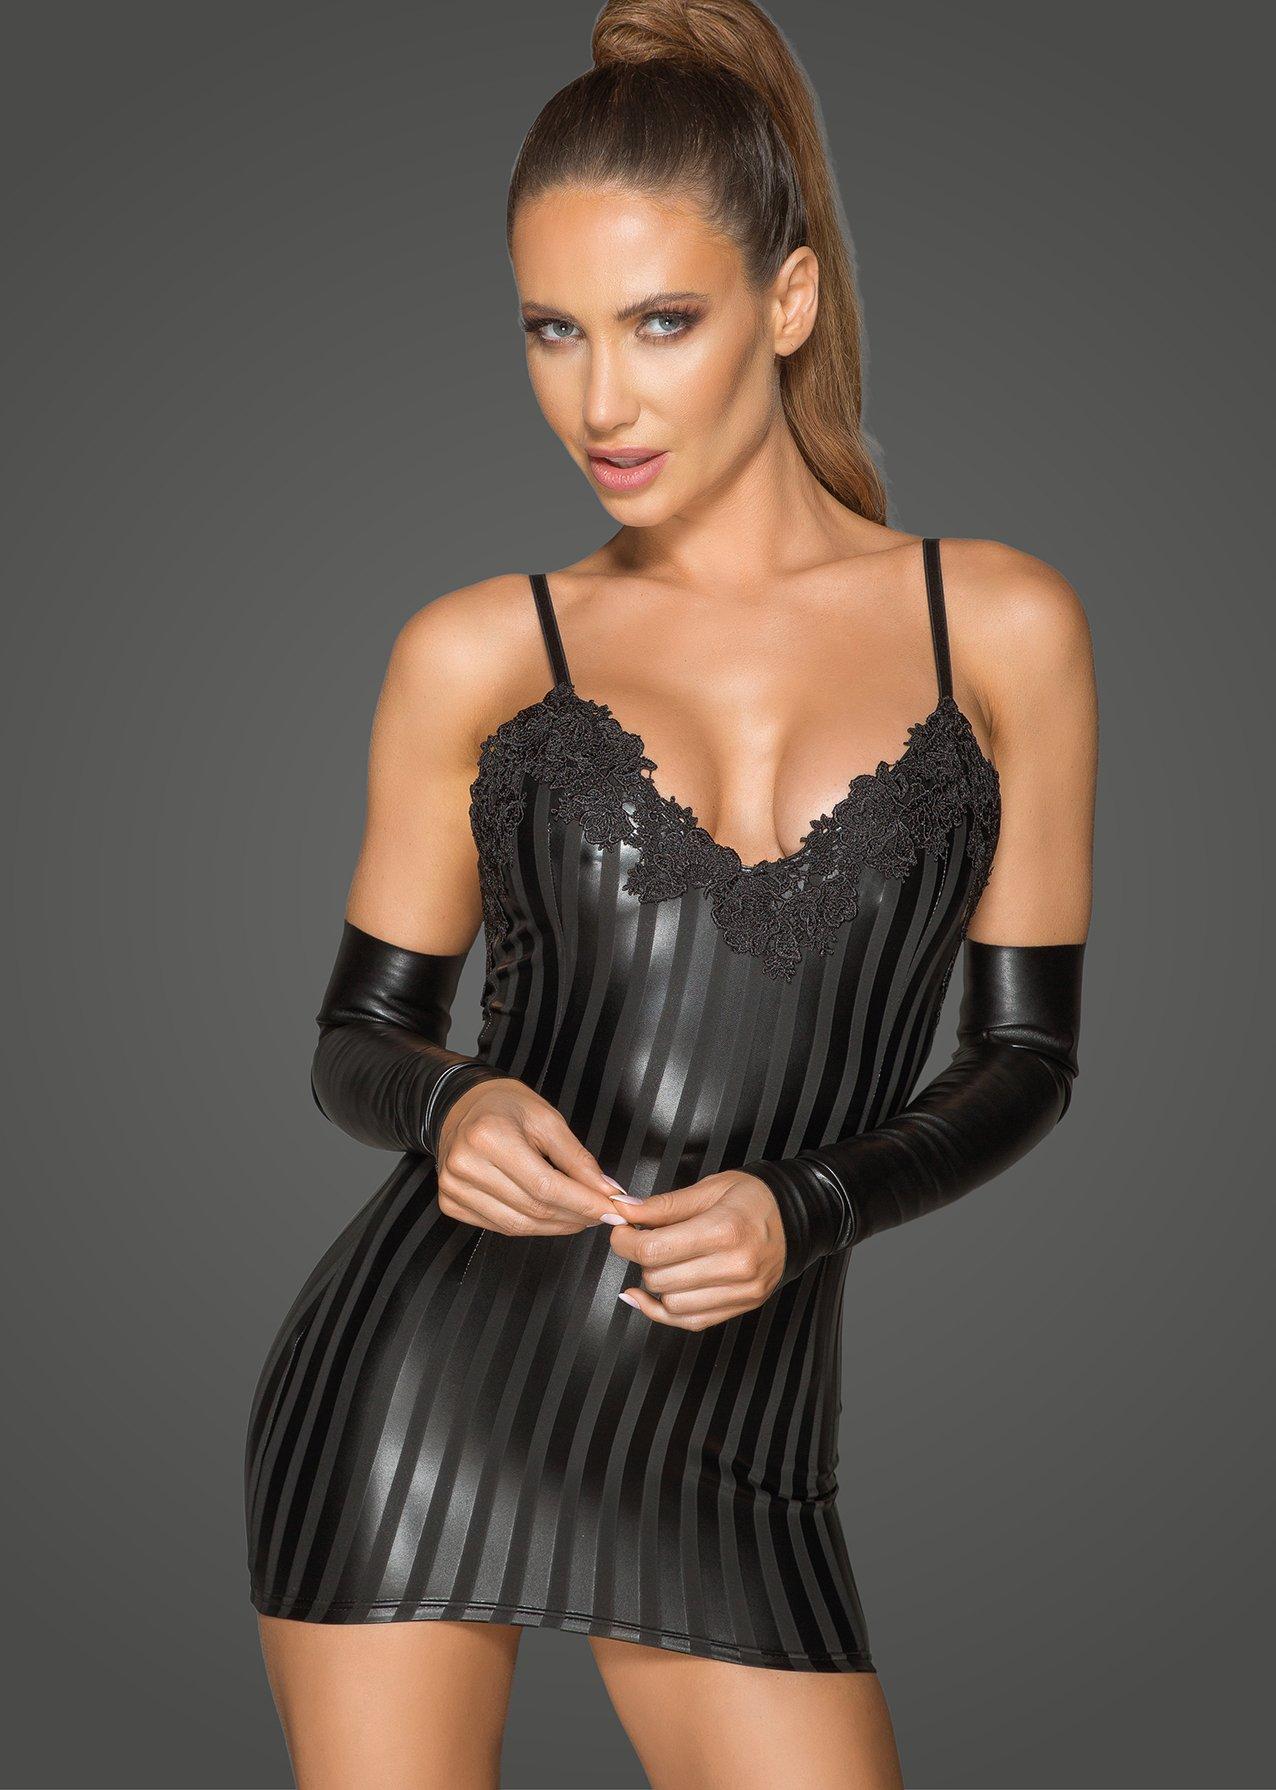 Фото 1 - Девушка в черном виниловом платье